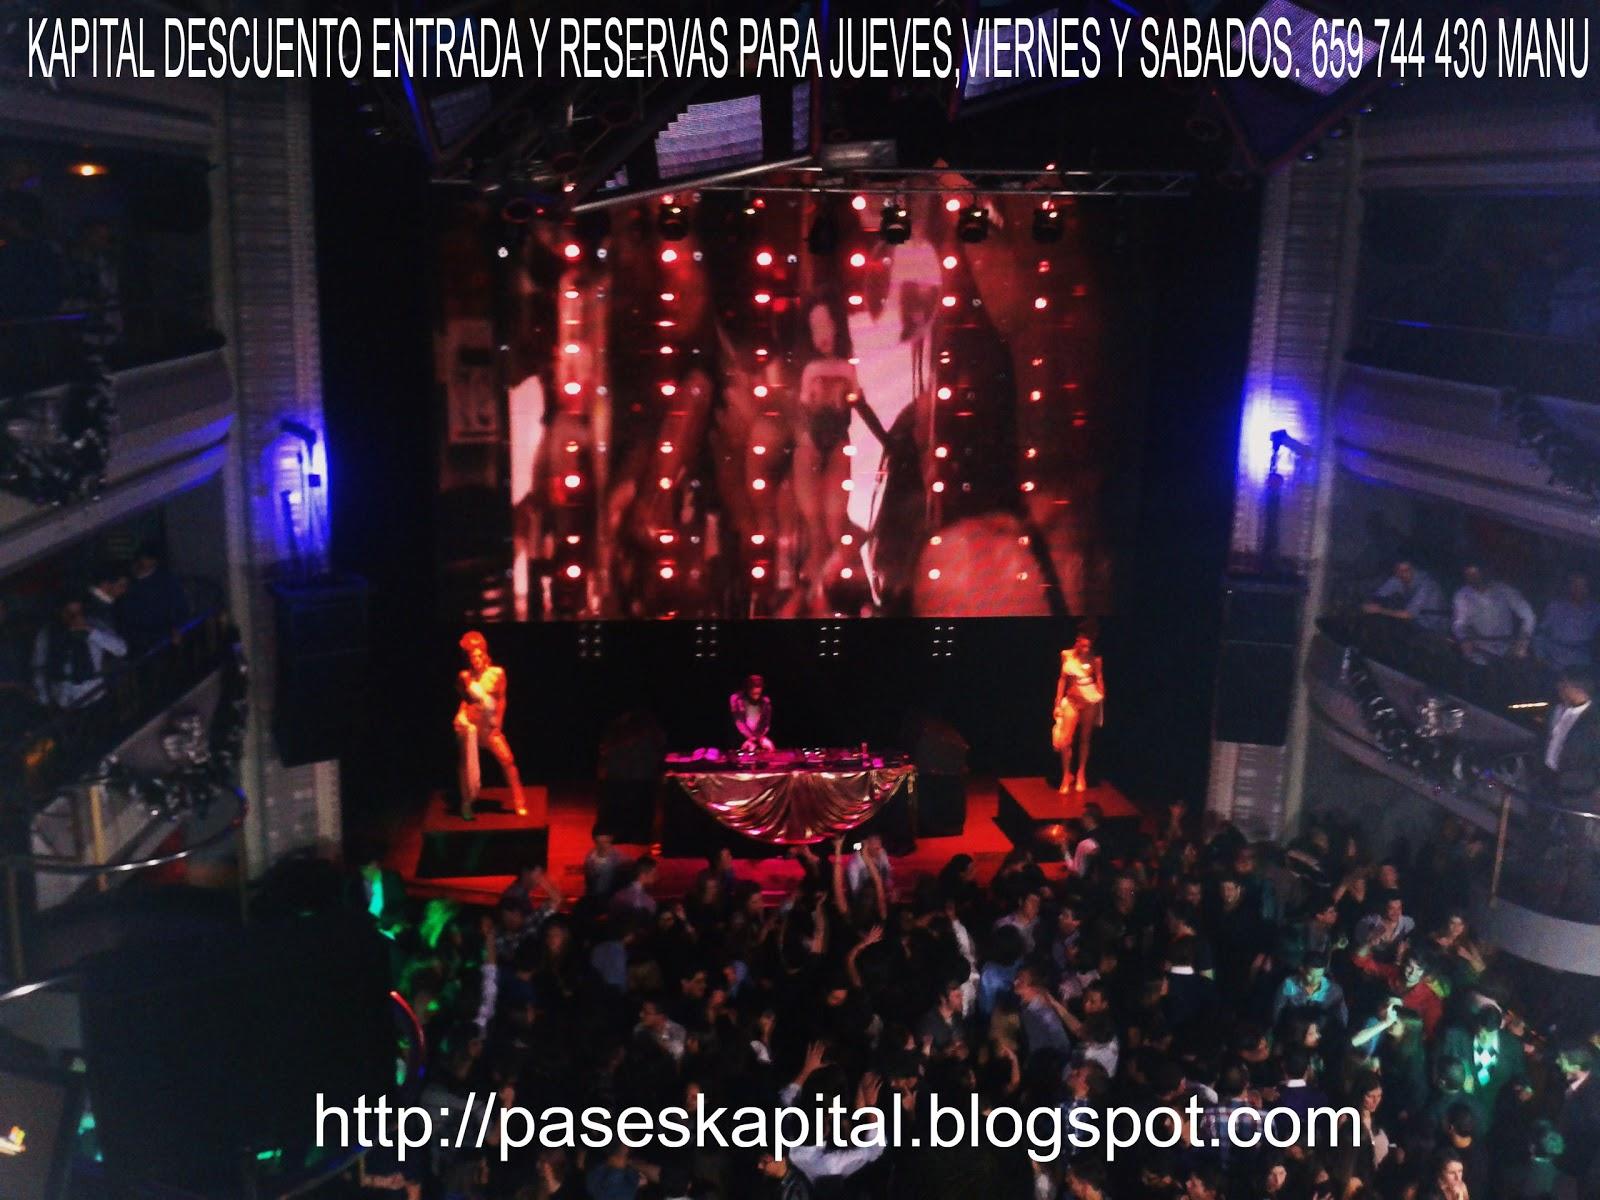 Discotecas gratis madrid 659 74 44 30 whatsapp kapital for Kapital jueves gratis